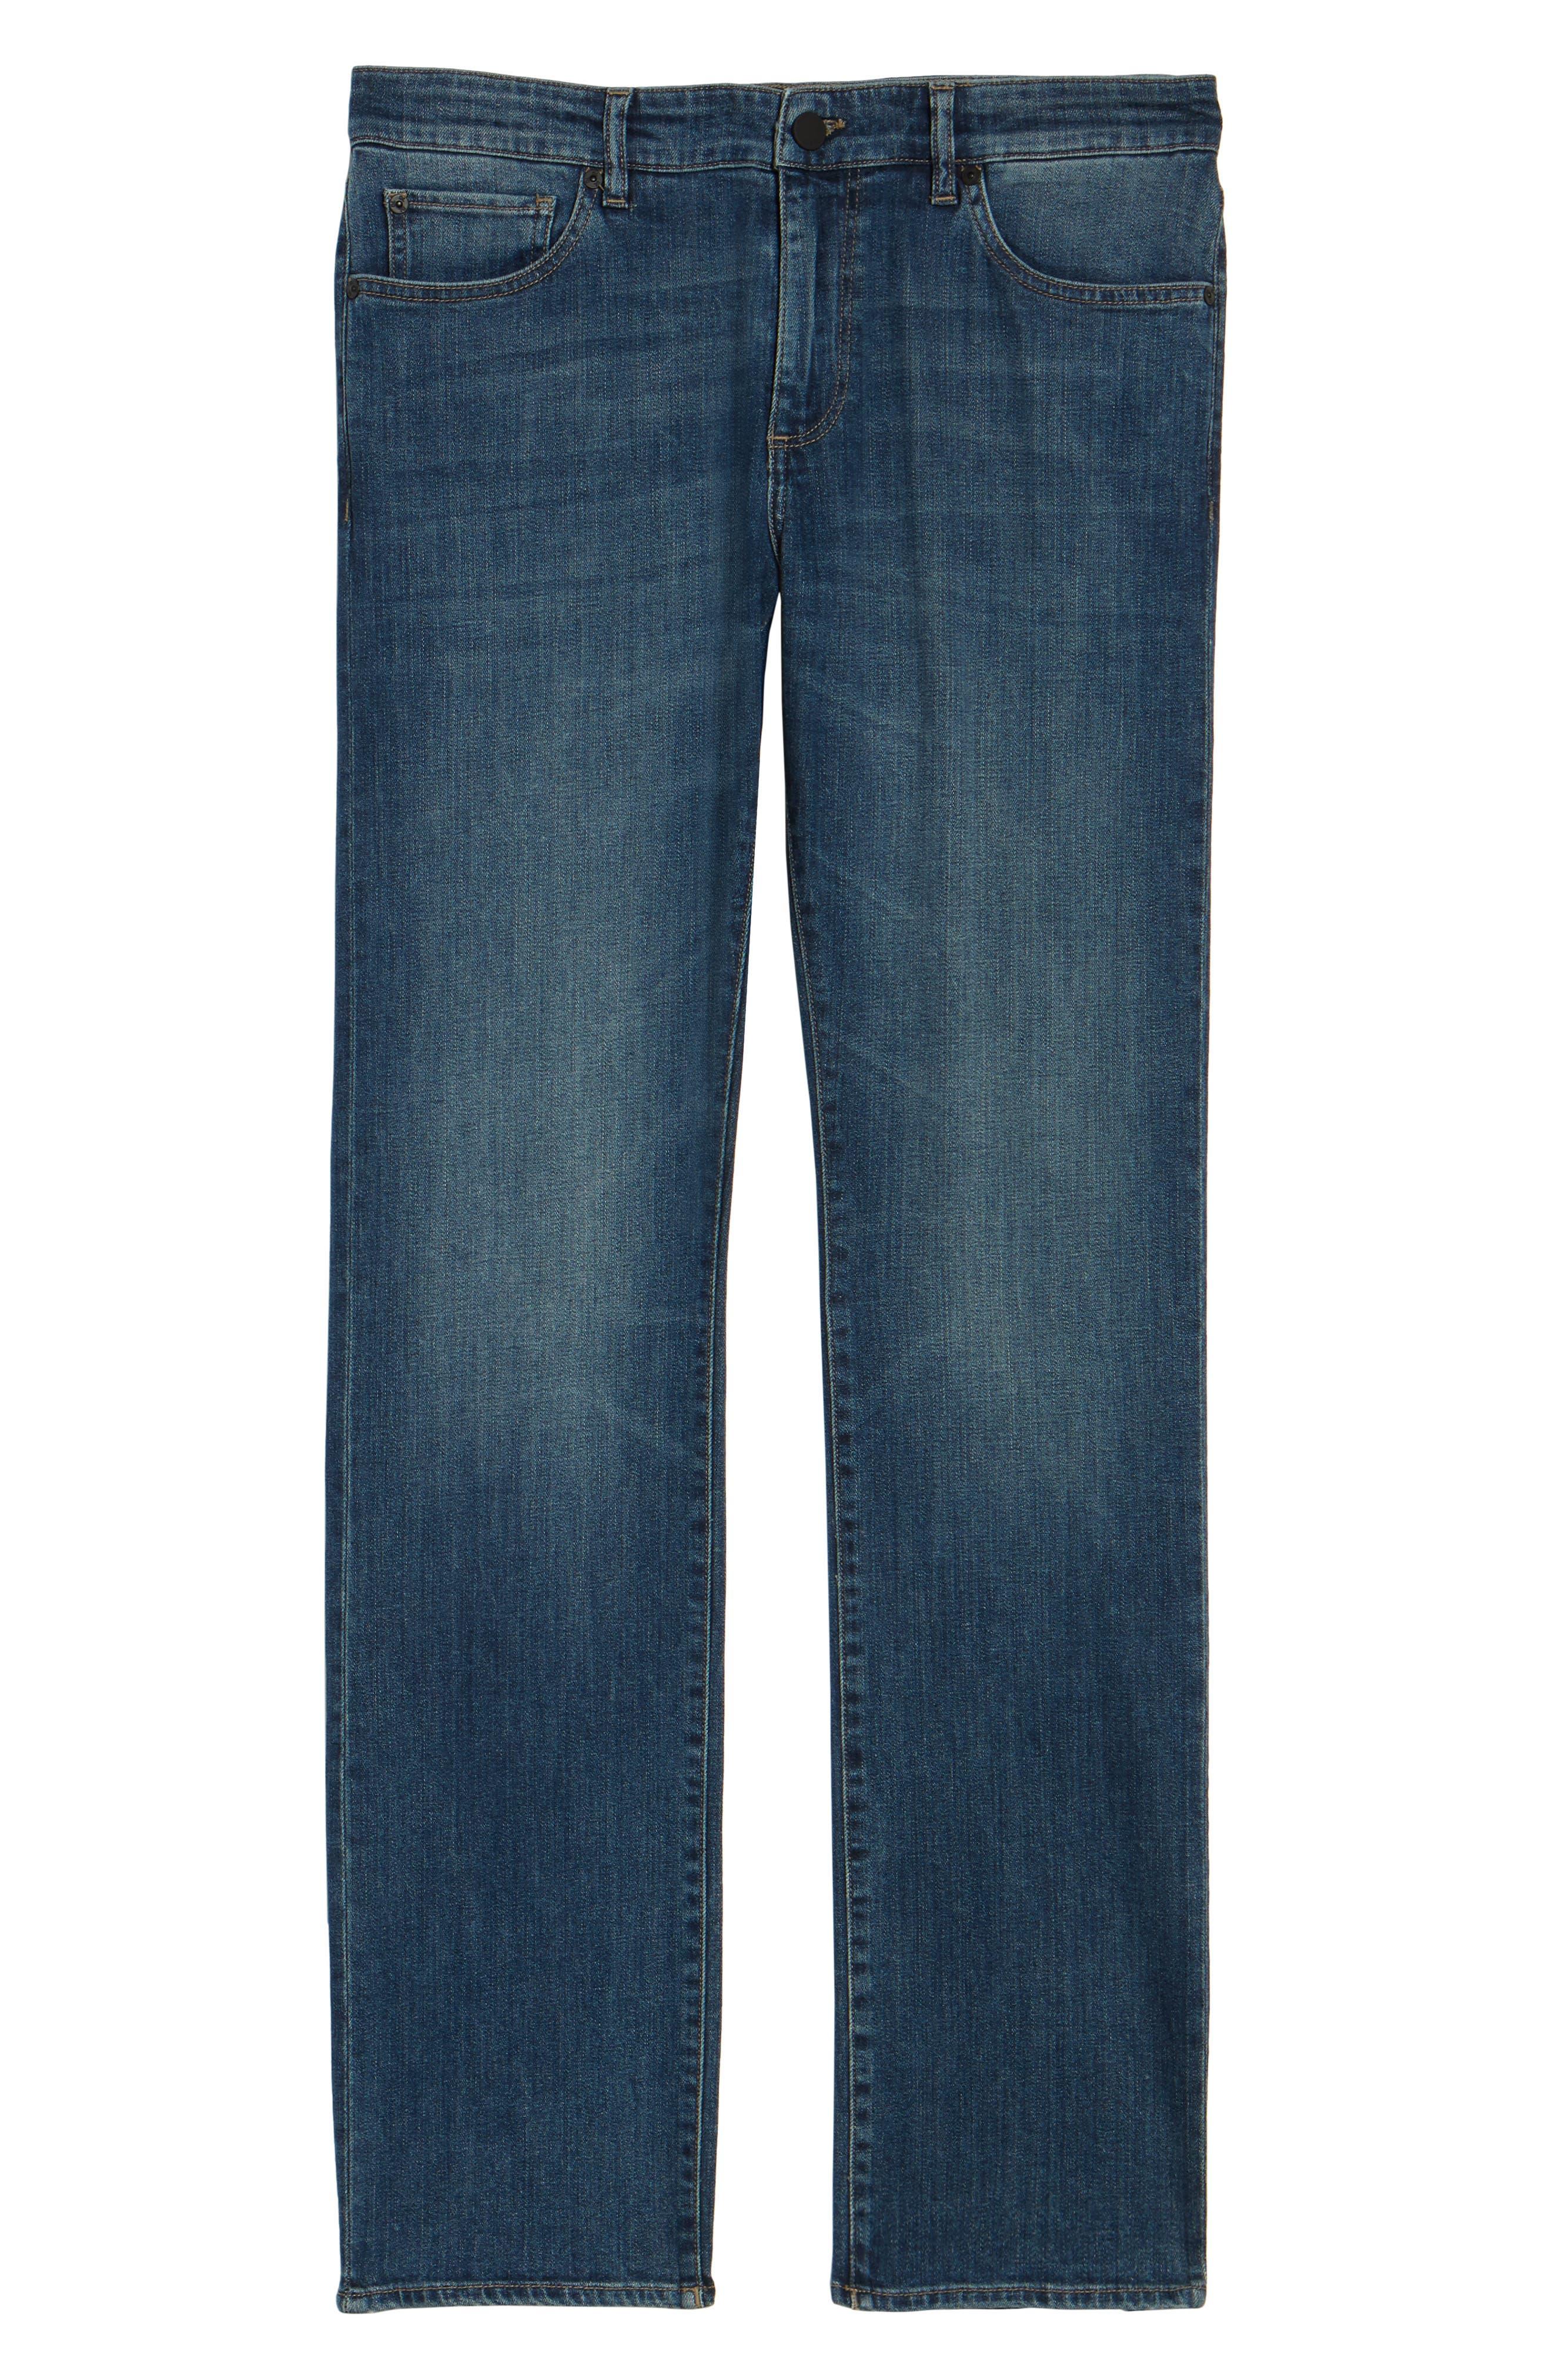 Avery Slim Straight Leg Jeans,                             Alternate thumbnail 6, color,